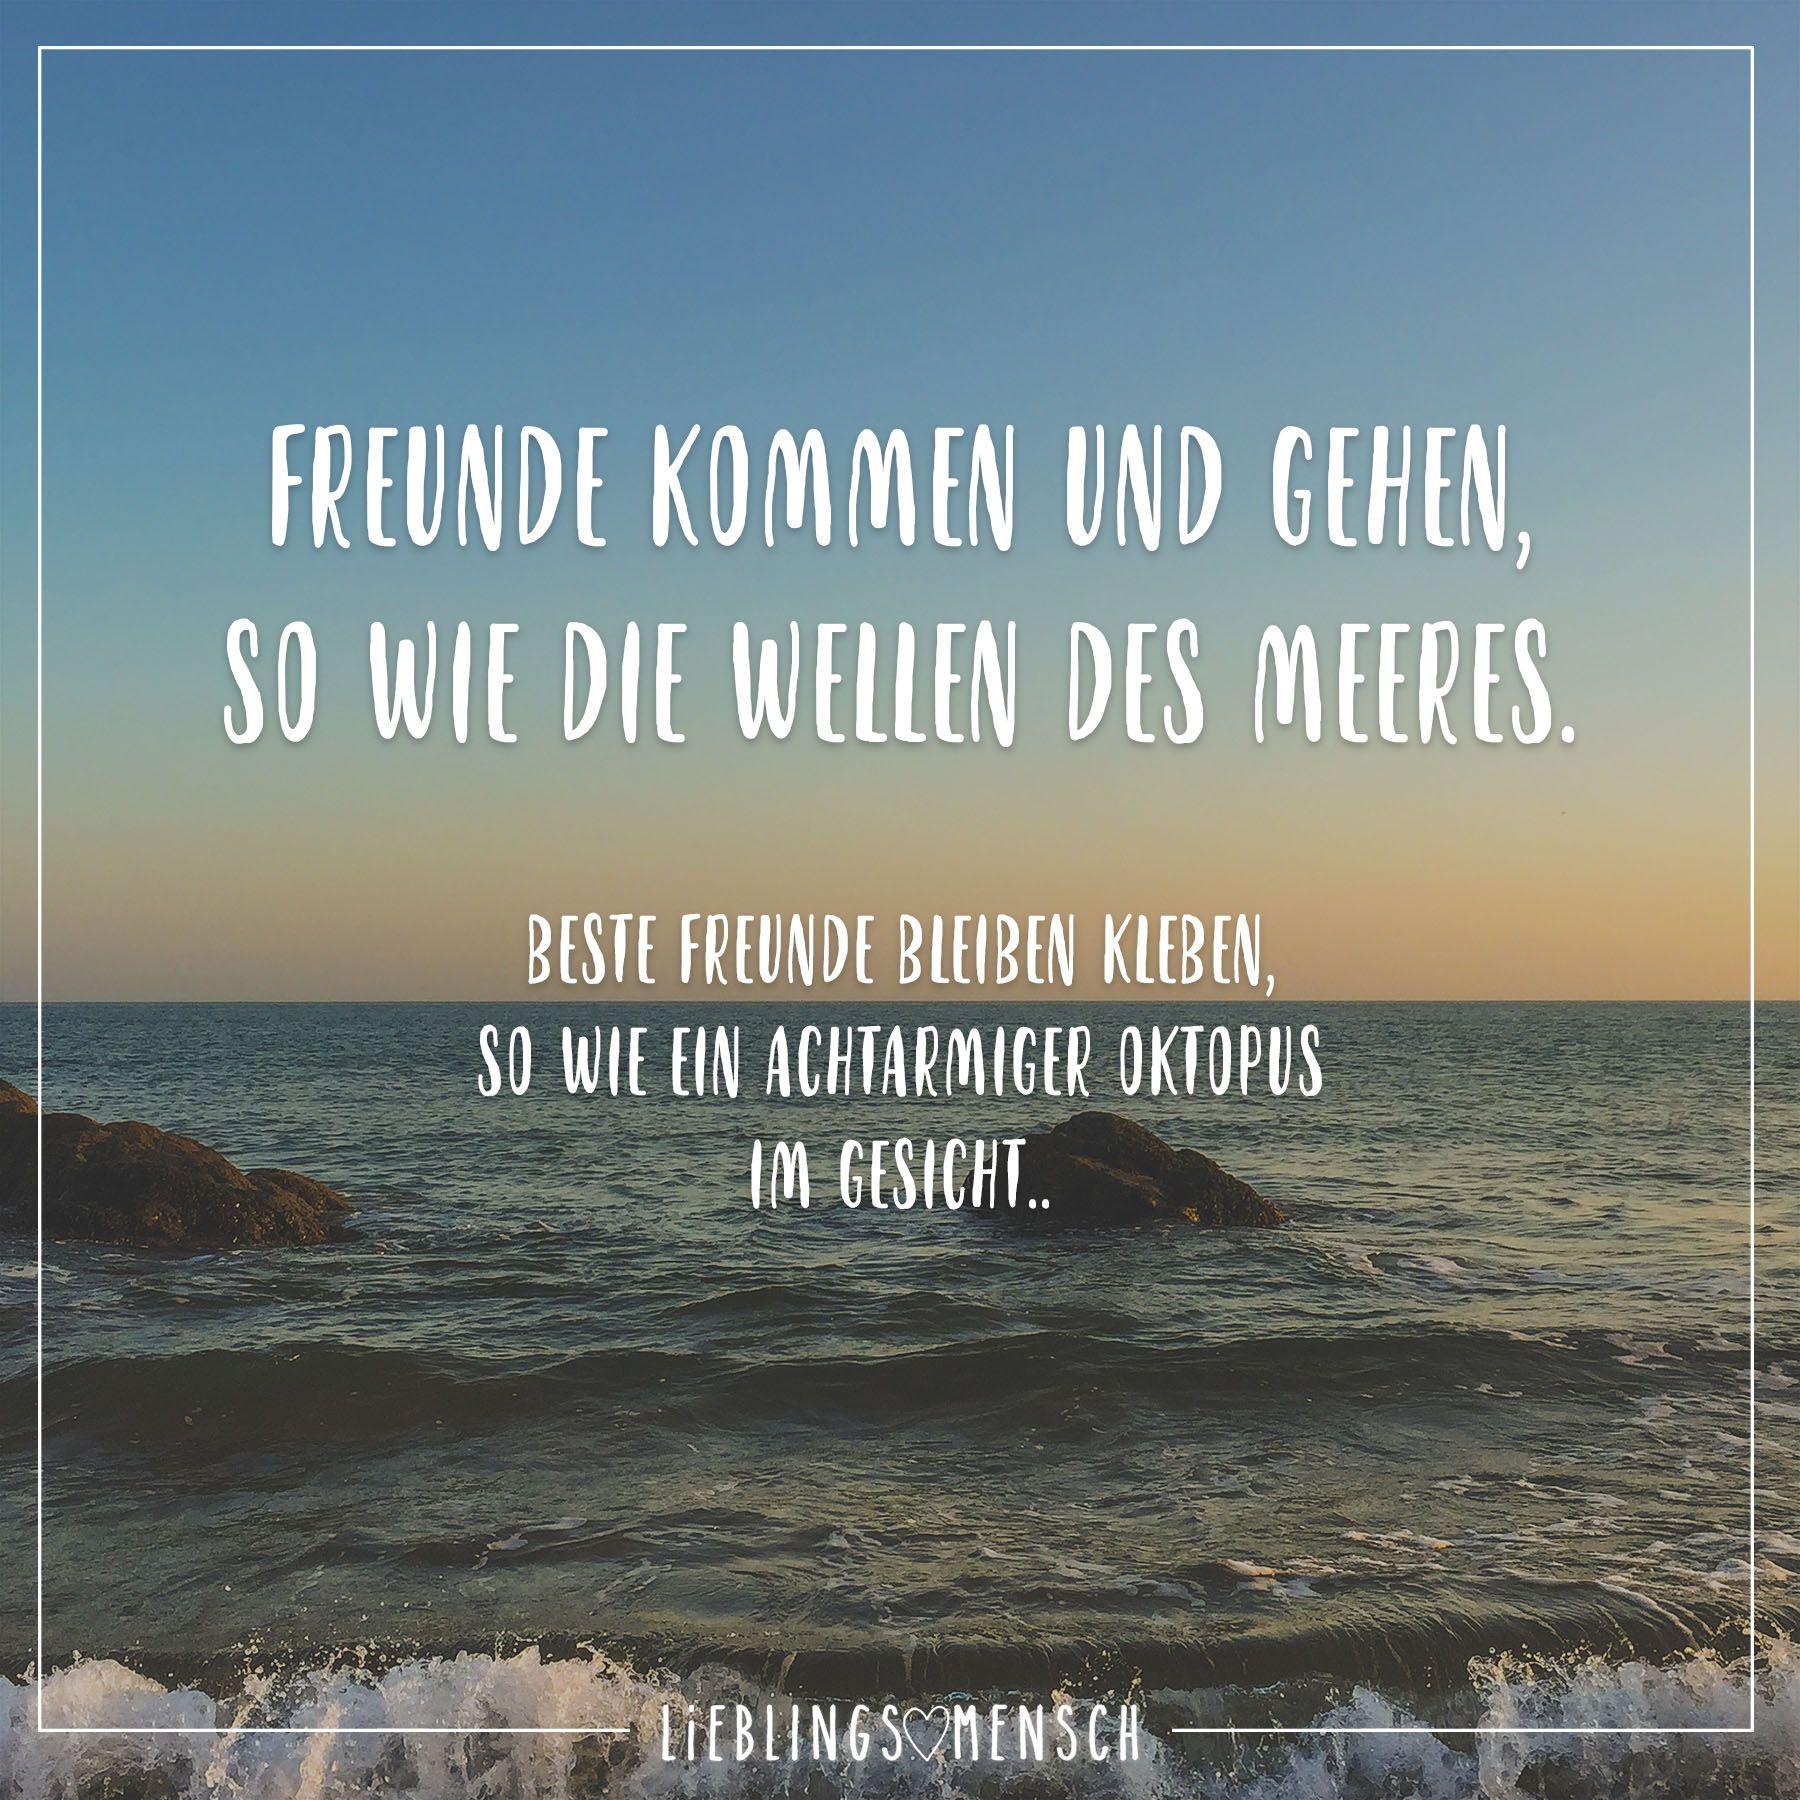 Freunde kommen und gehen, so wie die Wellen des Meeres